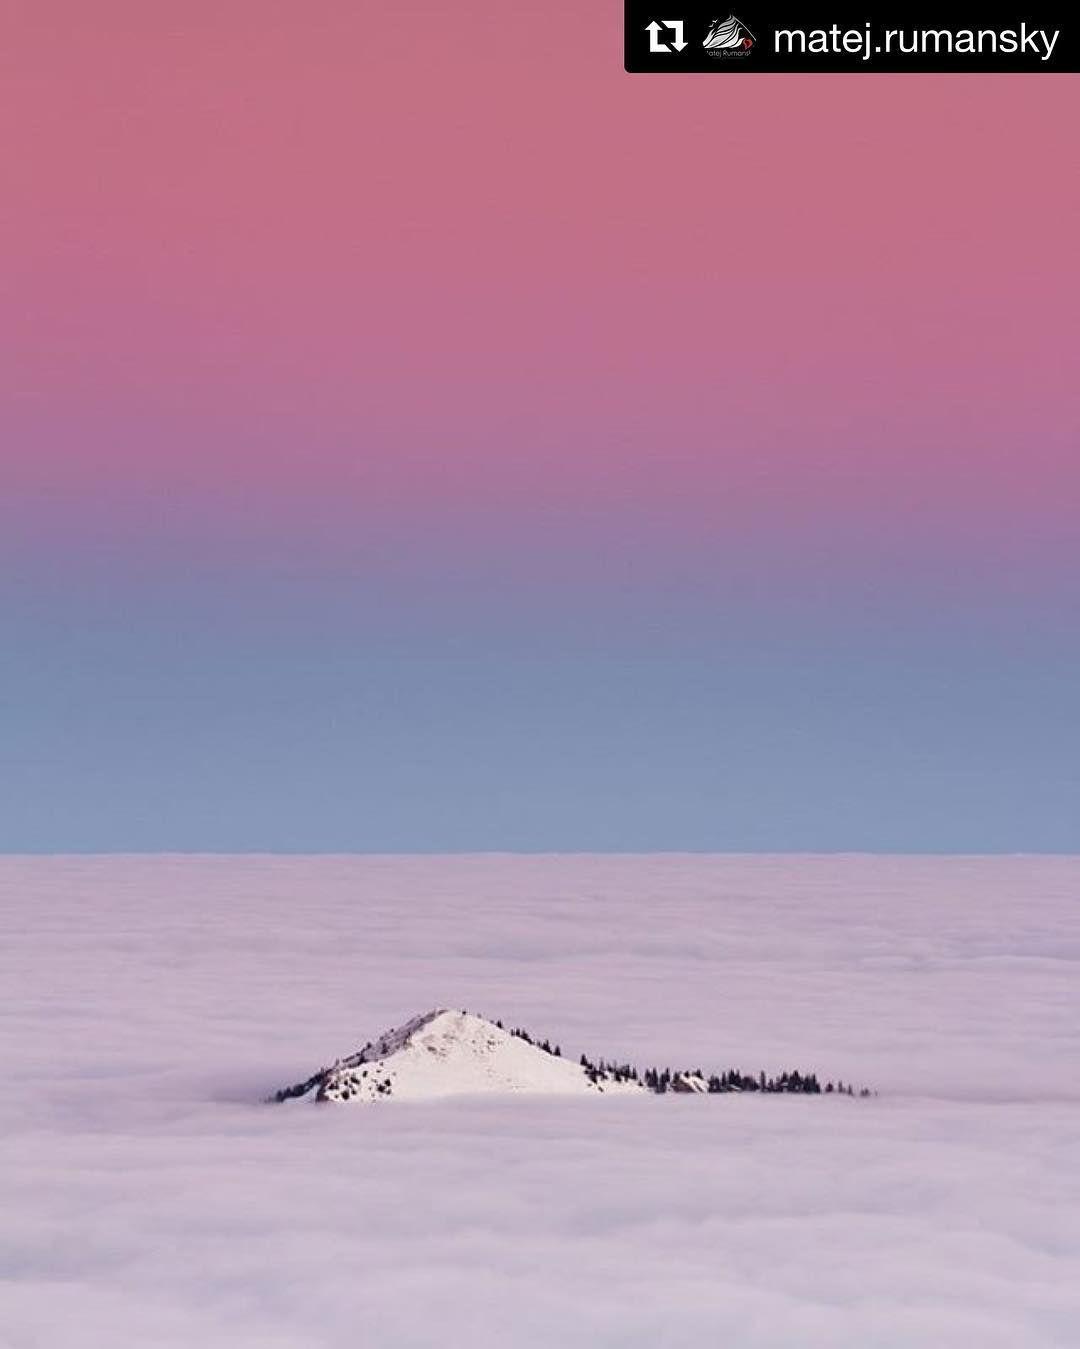 """A okrem virtuálnych vodopádov máme aj more s ostrovom  #praveslovenske od @matej.rumansky  """"Vanilla Sky . ."""" location: Siná PeakLow Tatras SLOVAKIA www.rumansky.com http://ift.tt/2km7Tio ......... #slovensko #slovakia #landscape #inversion #clouds #peak #mountains  #snow #winter #sky #nature #trees"""